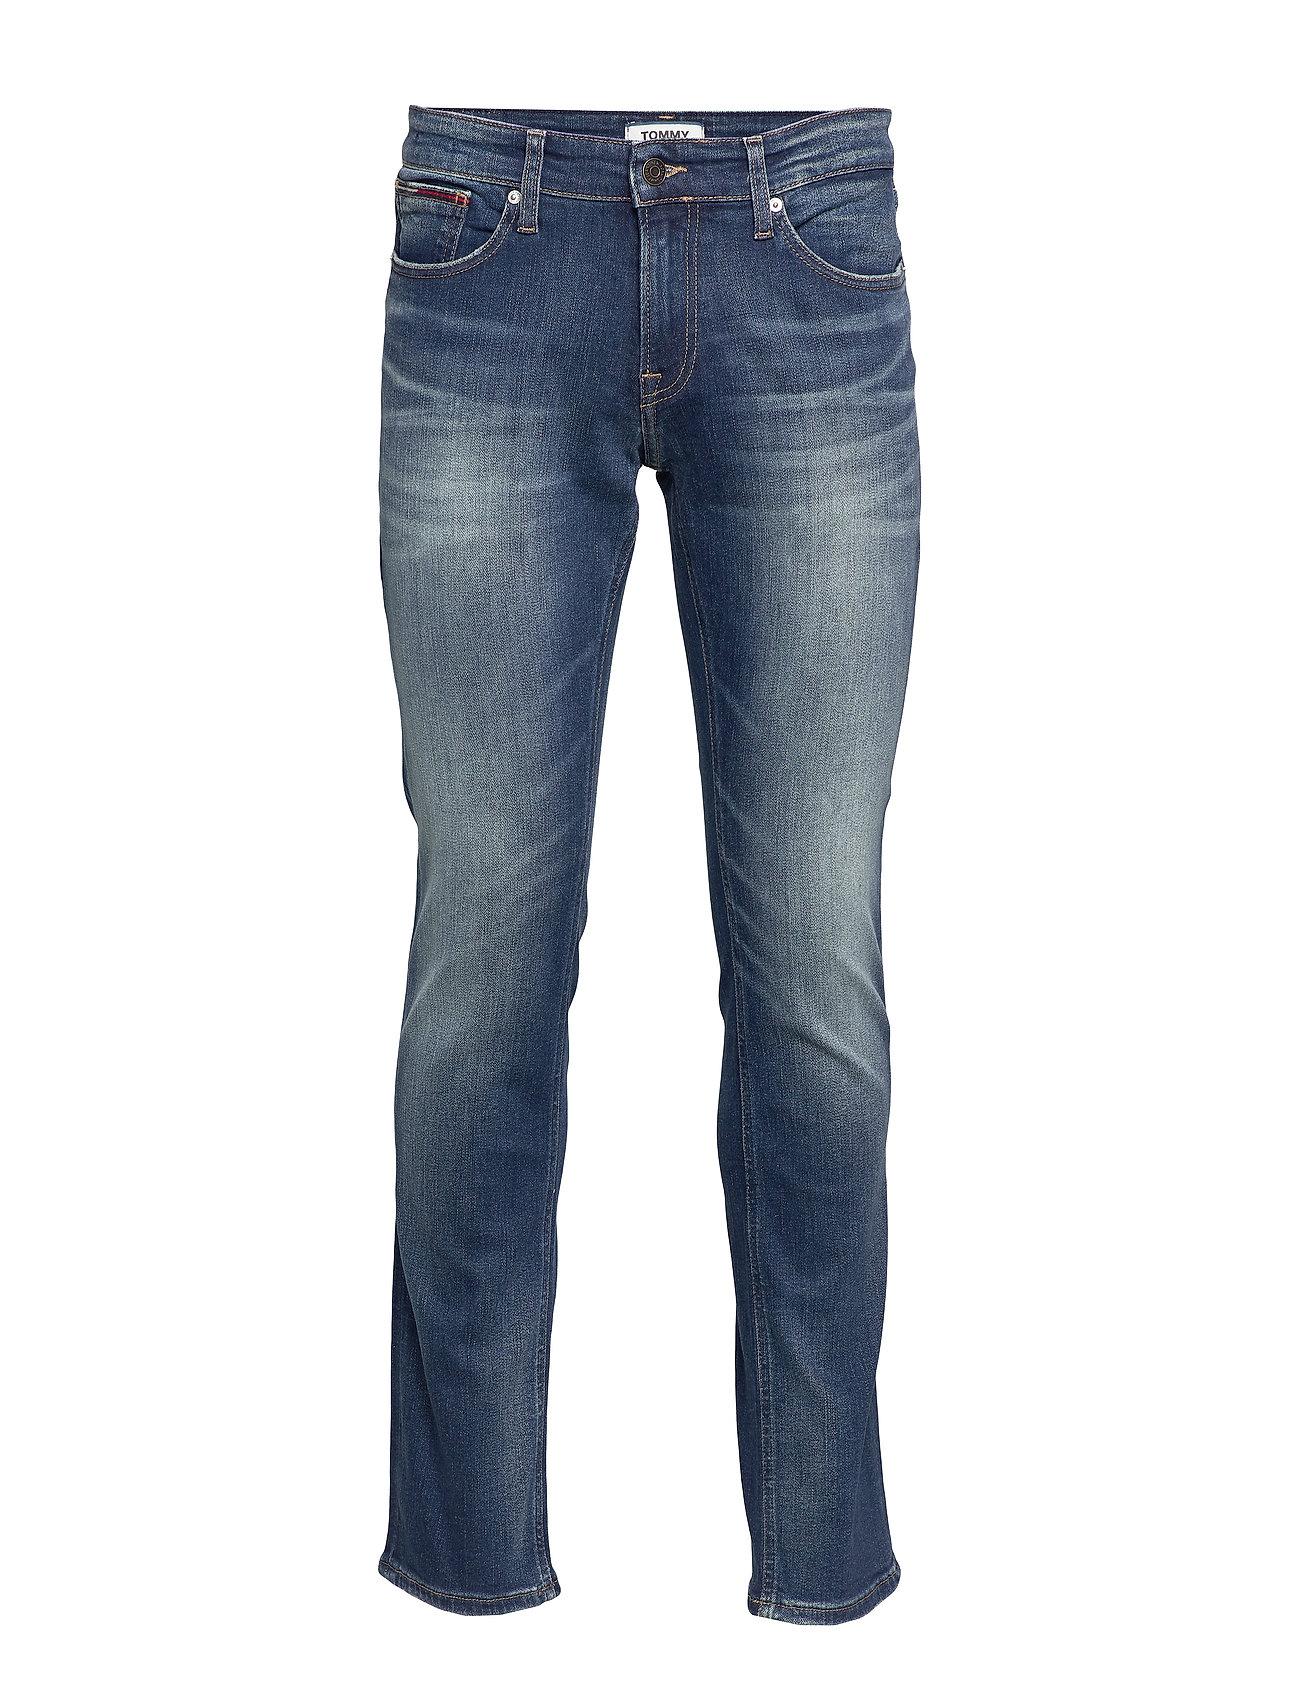 Tommy Jeans SLIM SCANTON RDWK - REDWOOD DK BL ST